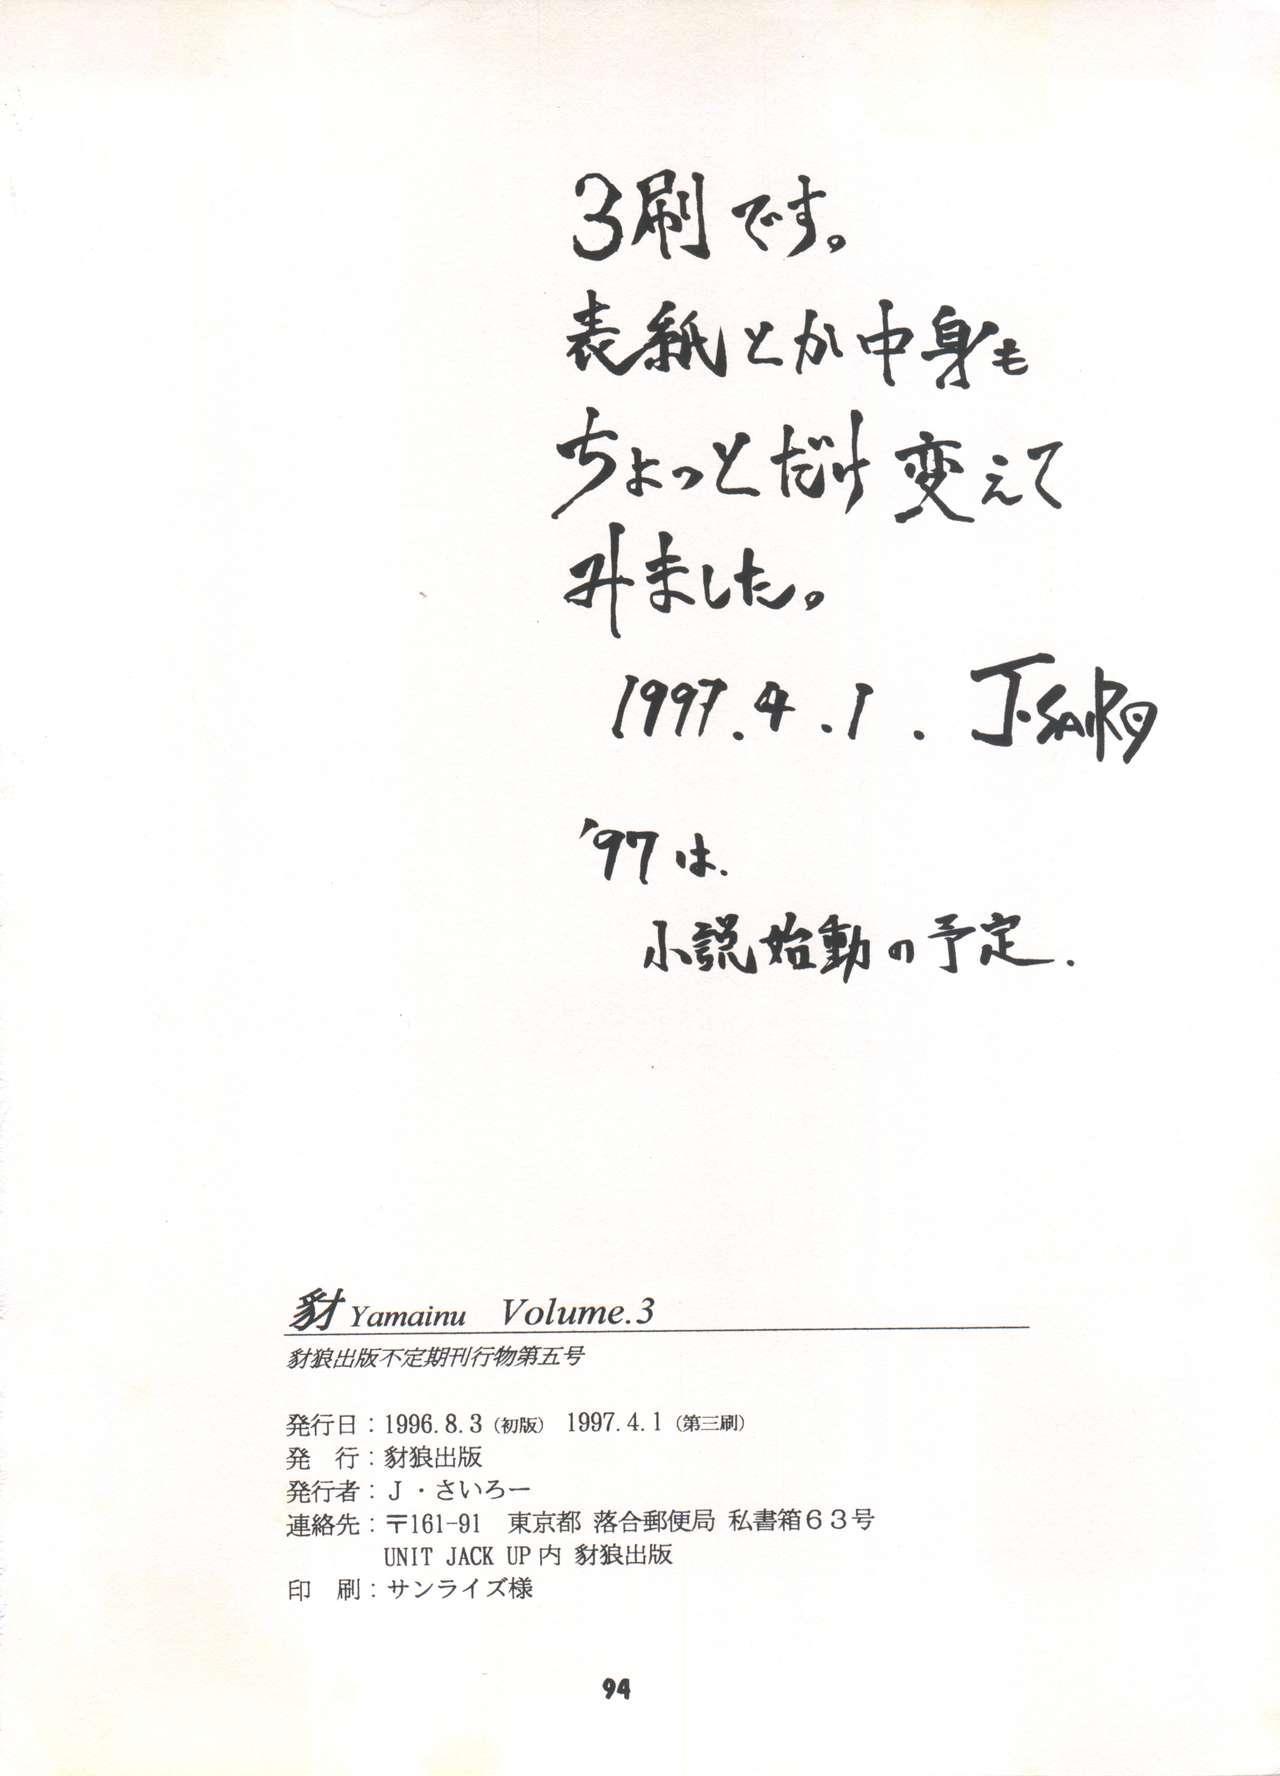 Yamainu Volume. 3 93